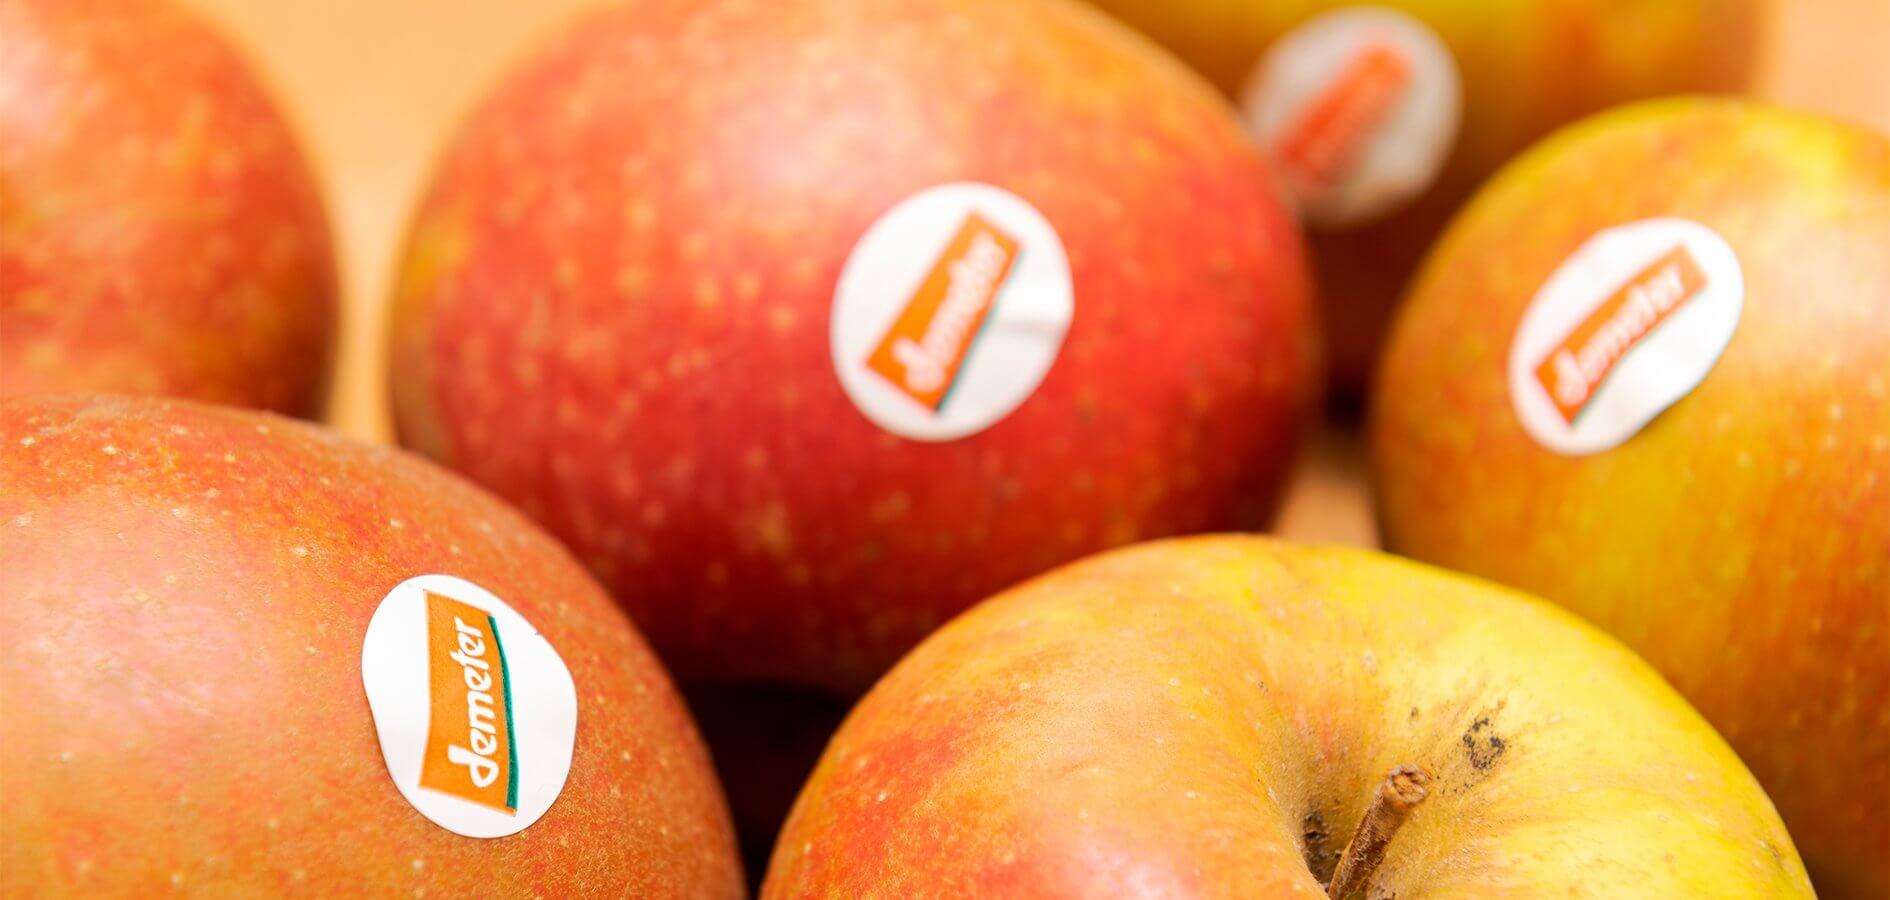 manzana con certificado demeter